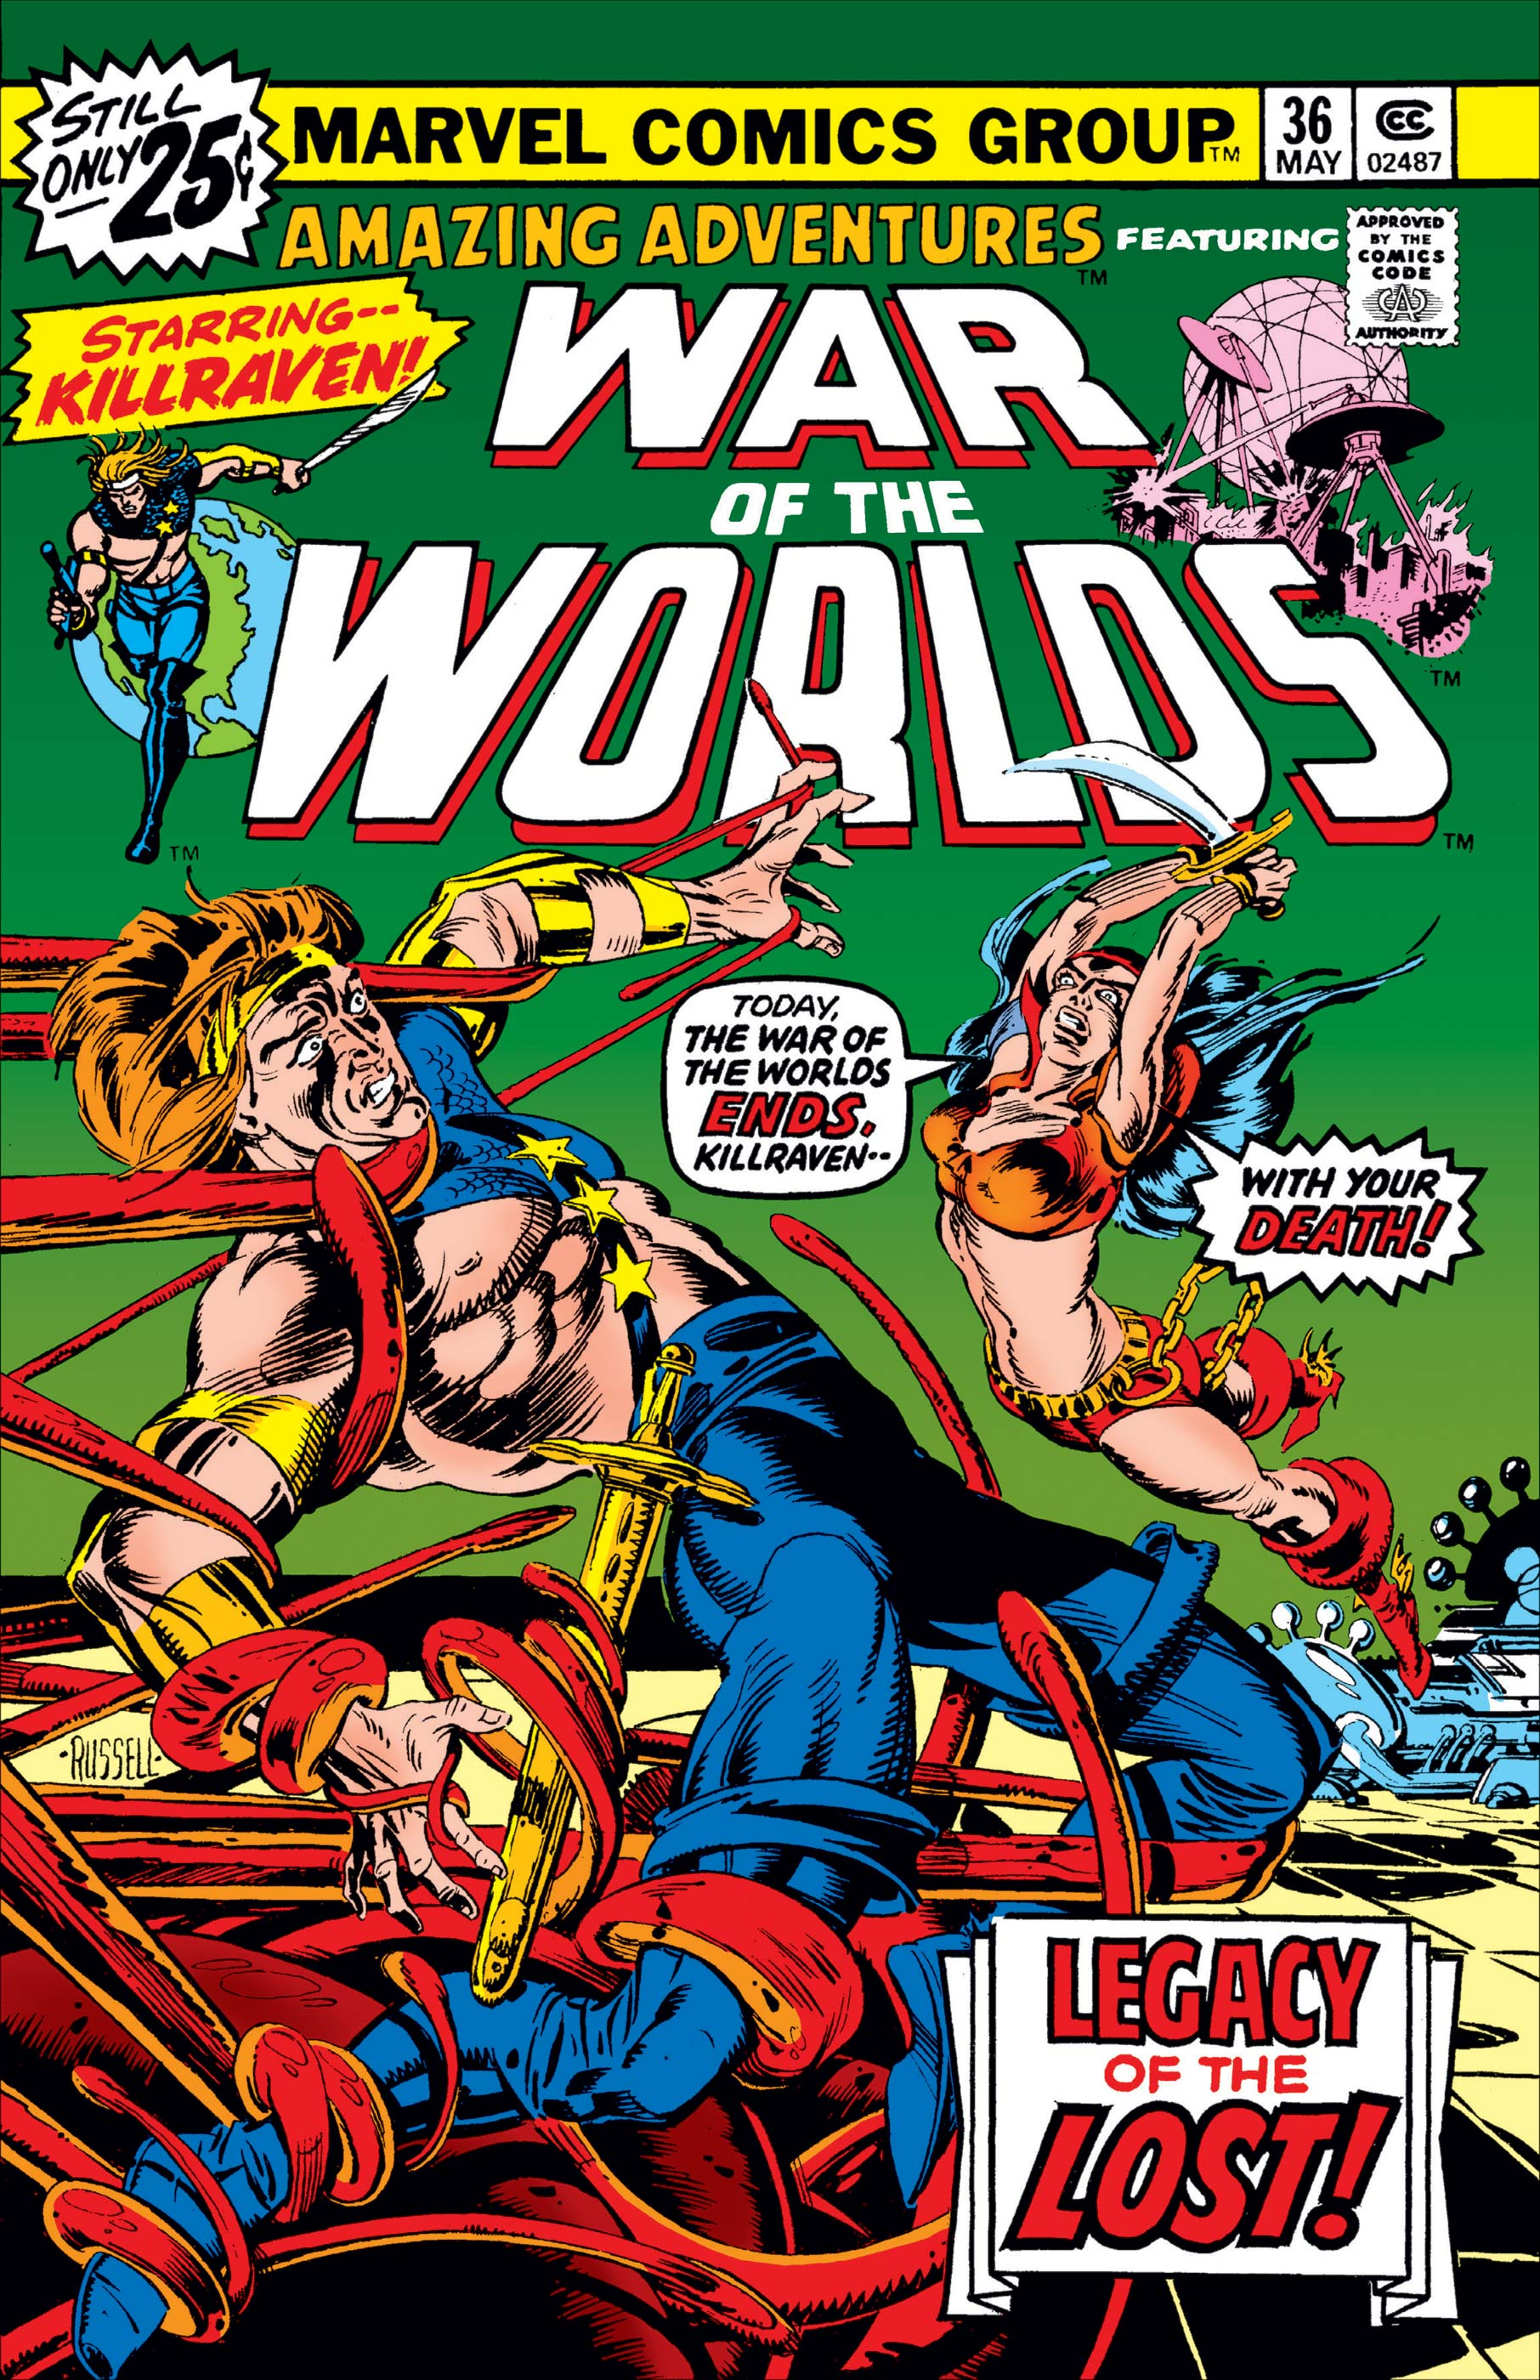 Amazing Adventures (1970) #36